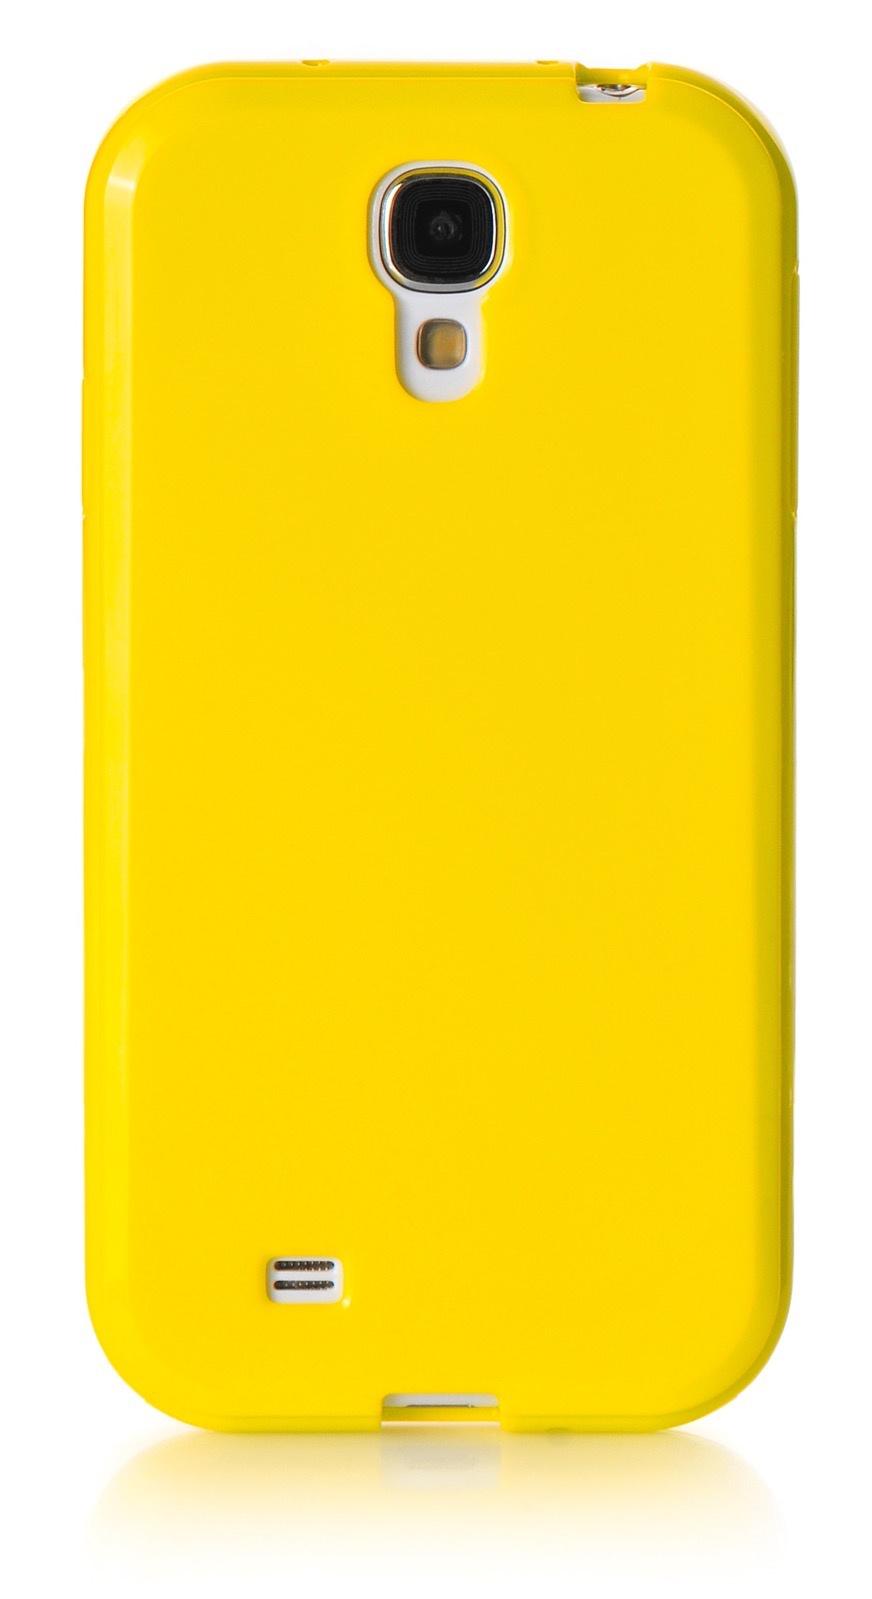 Чехол для сотового телефона iNeez накладка силикон мыльница 480085 Samsung Galaxy S4 mini, желтый